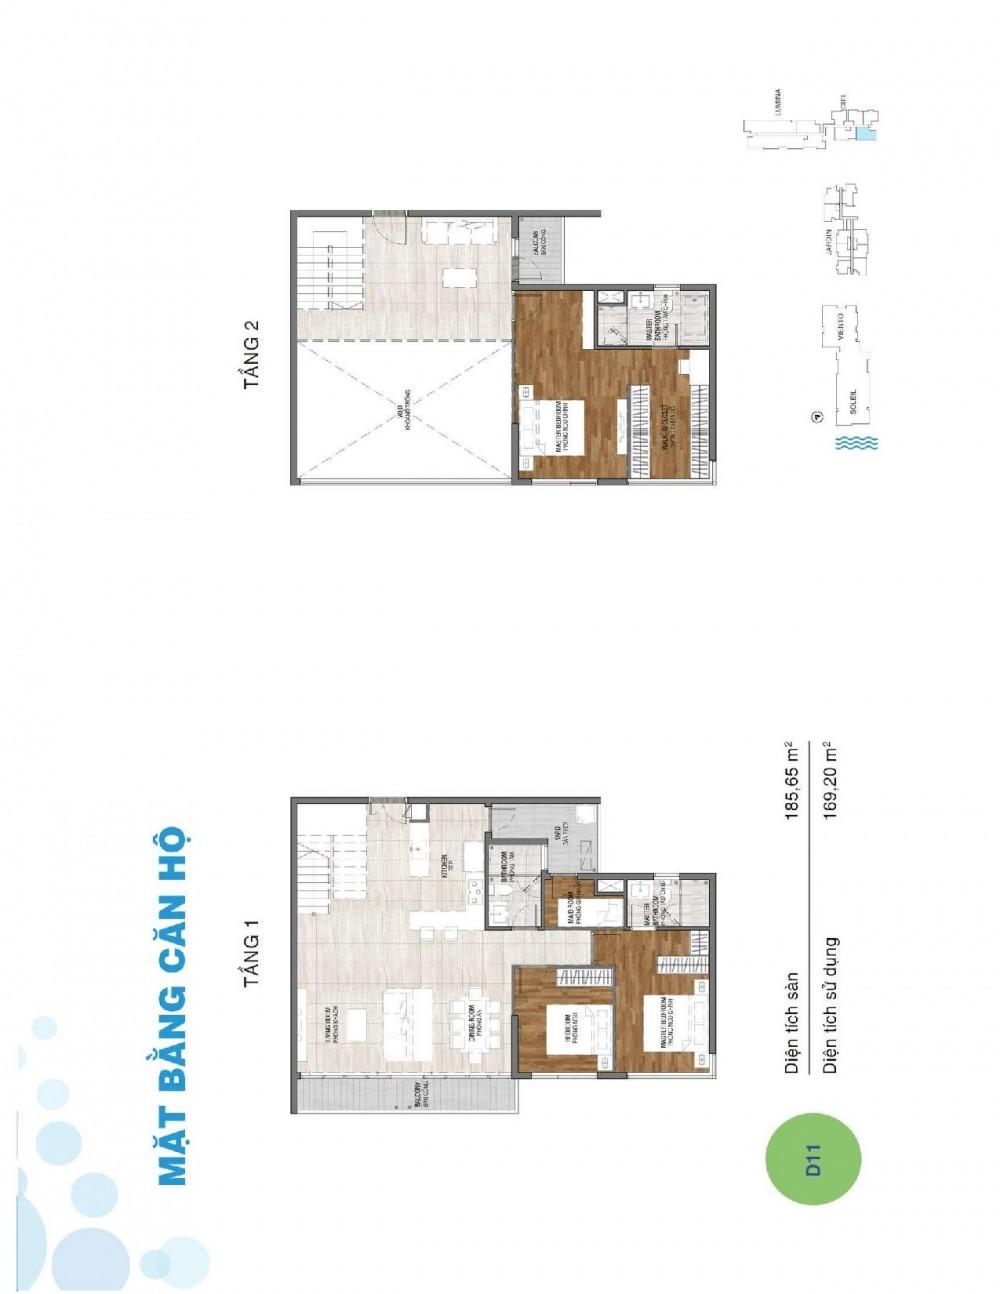 Bán căn hộ Duplex sang trọng của dự án One Verandah